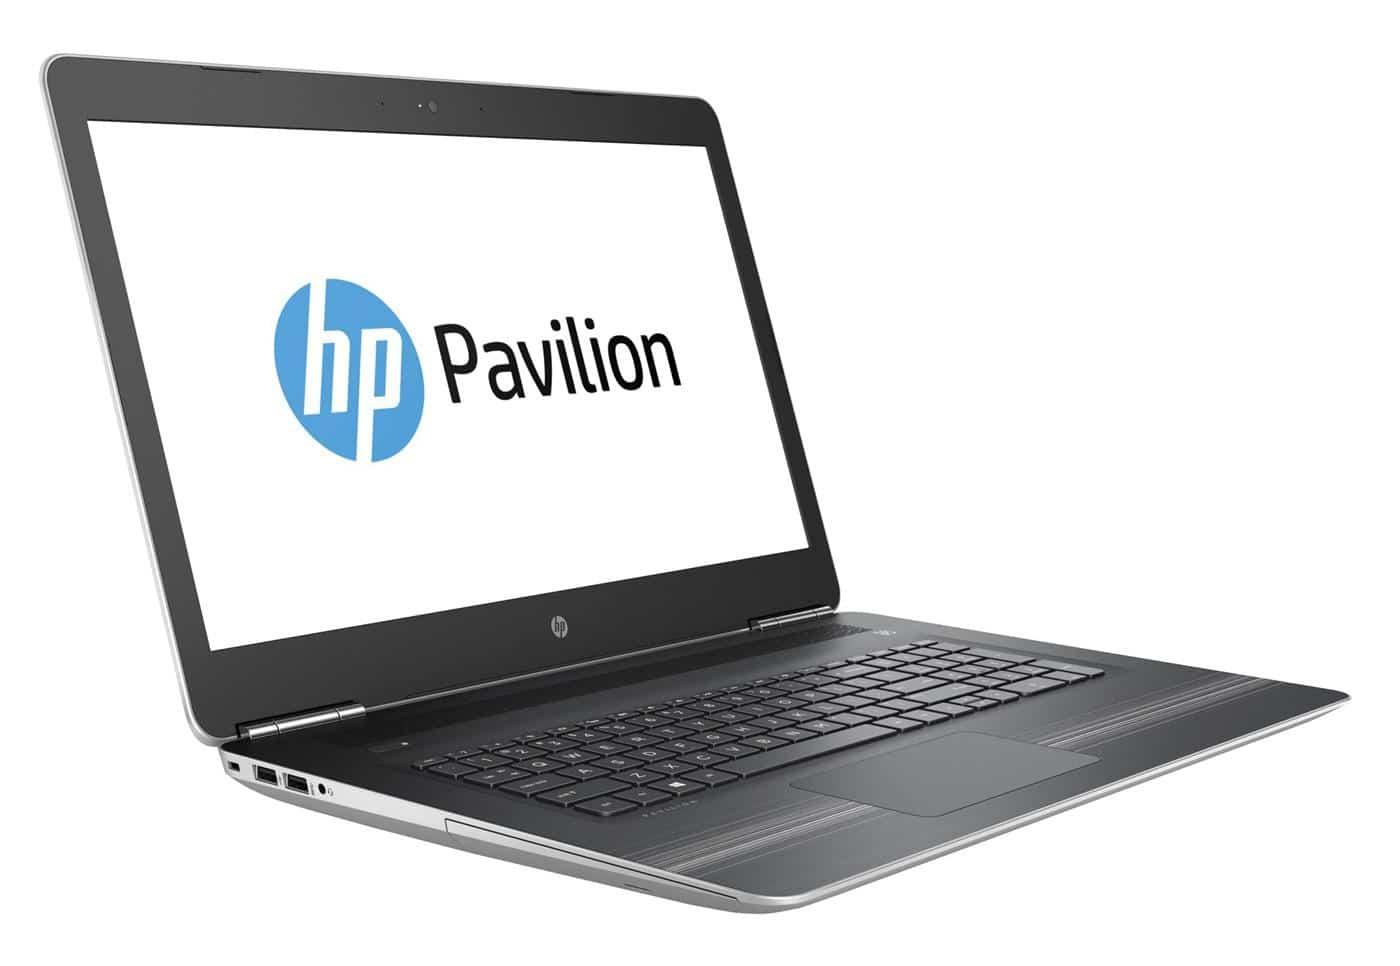 HP Pavilion 17-ab001nf, PC portable 17 pouces polyvalent Quad i5 SSD à 1199€